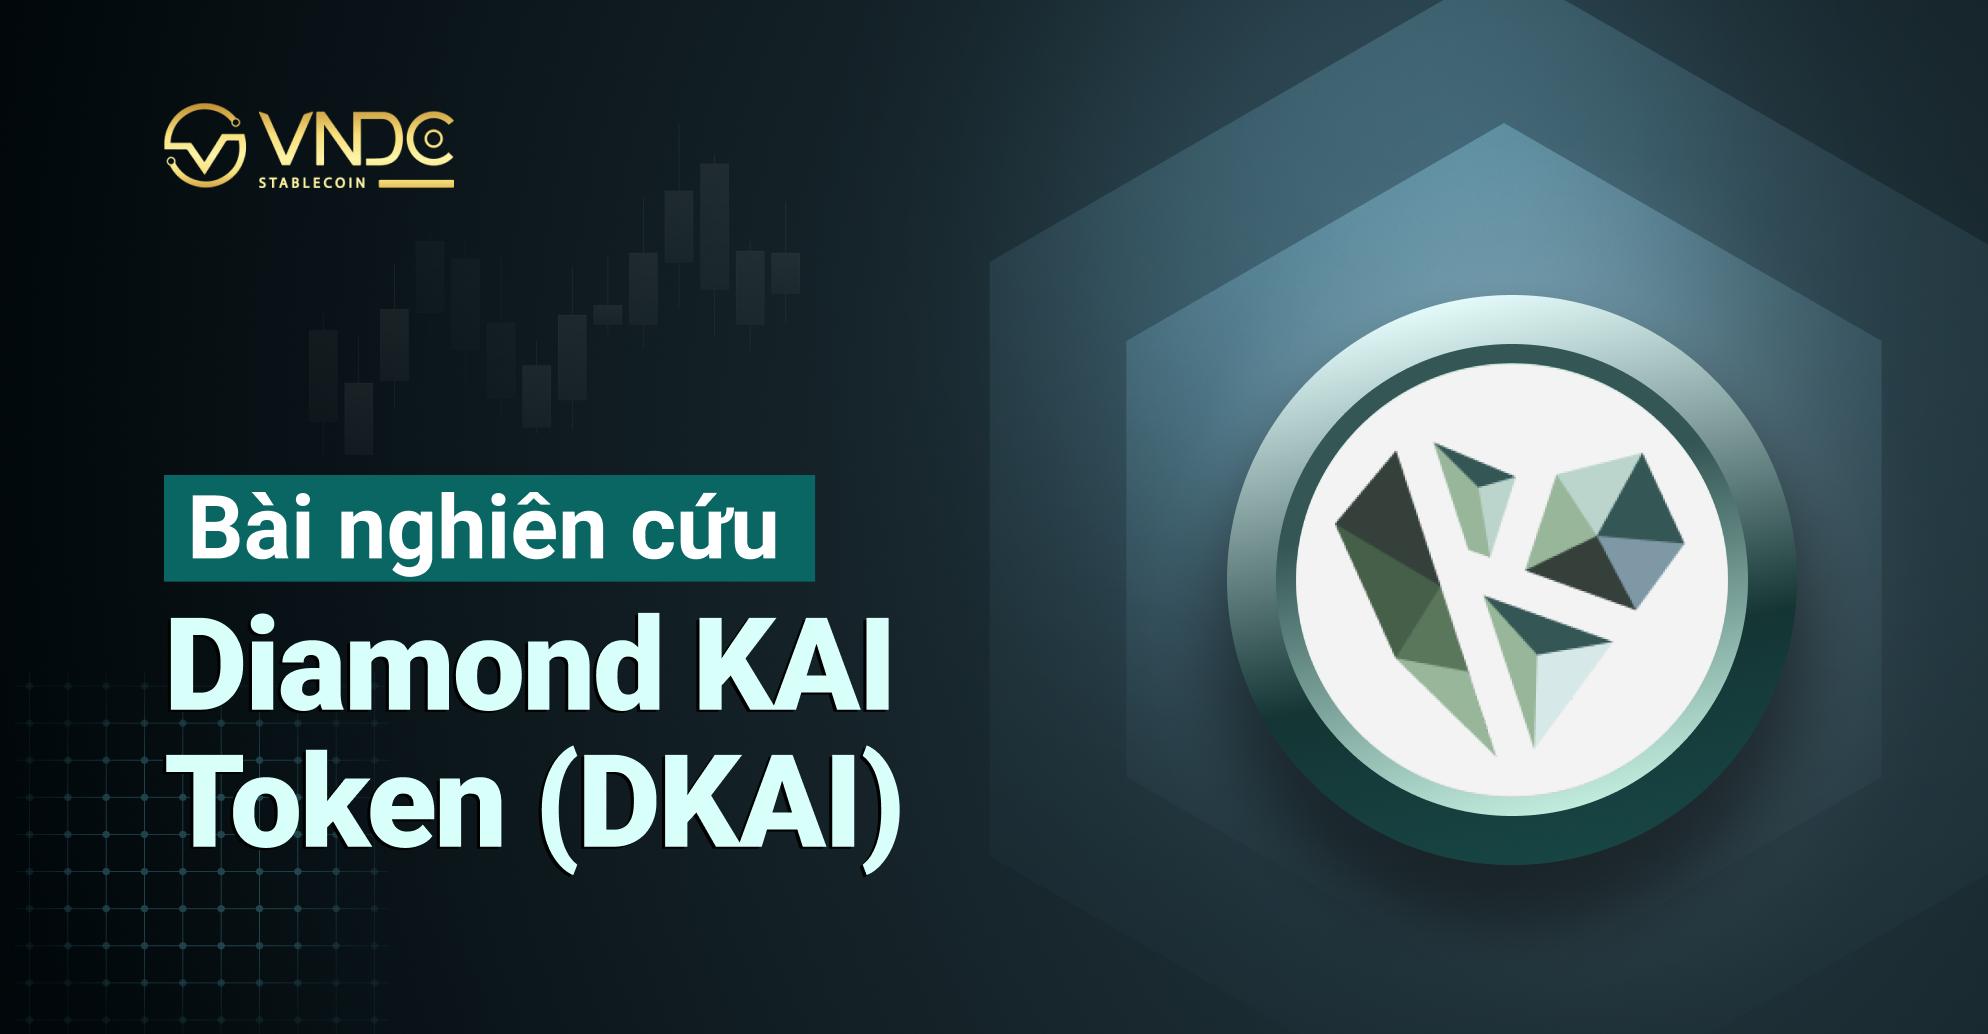 Bài nghiên cứu về Diamond KAI Token (DKAI)